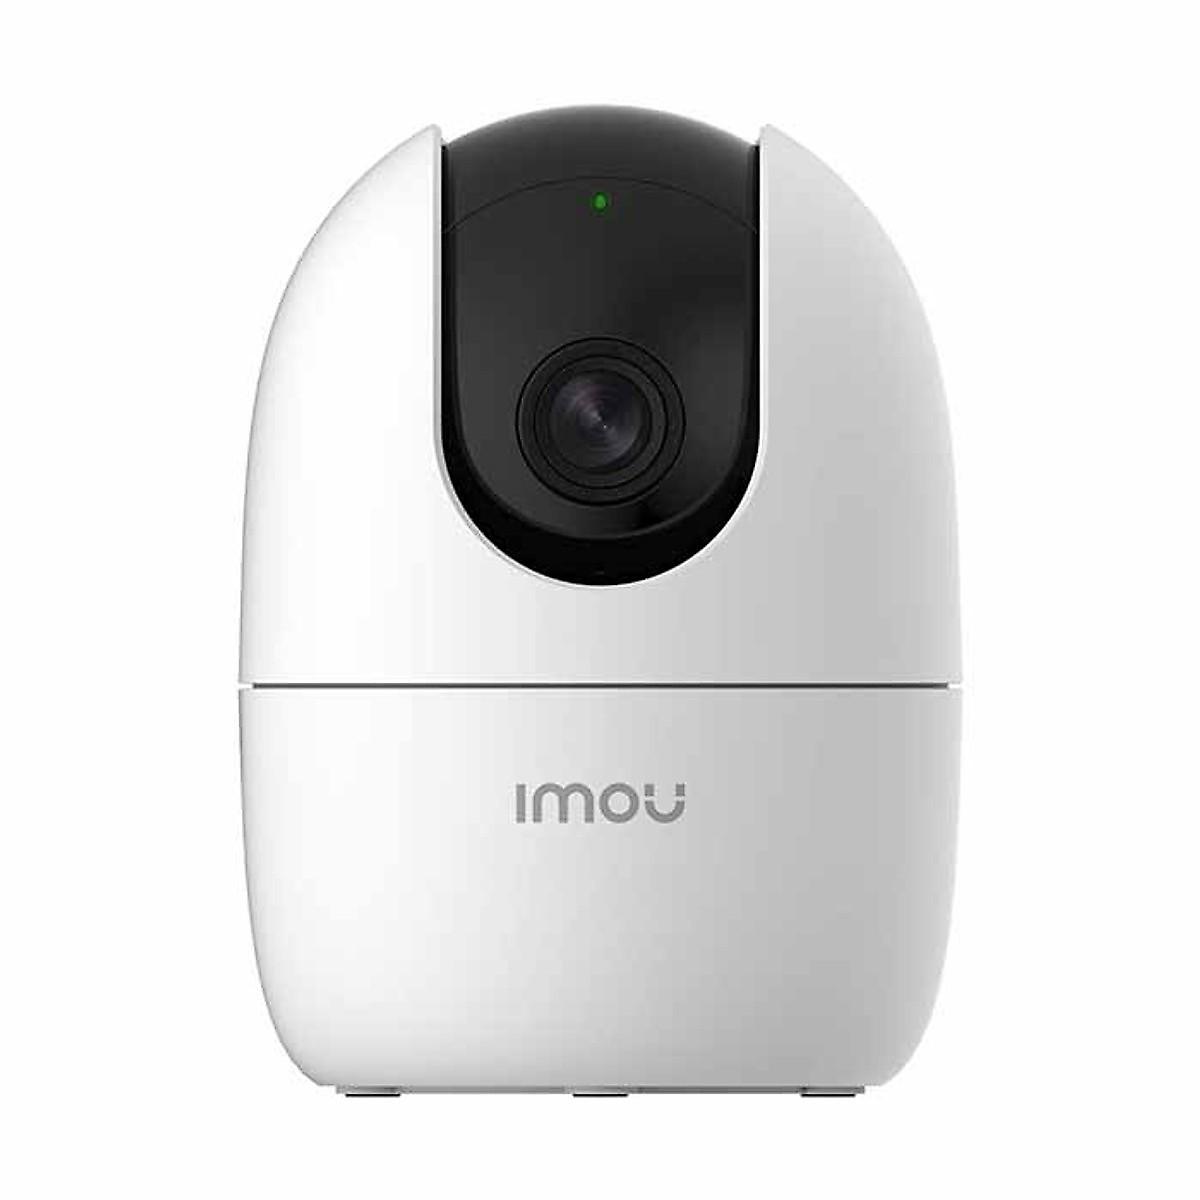 Camera IP Wifi Dahua Imou IPC-A22EP 2.0mpx Full HD – Hàng Chính hãng